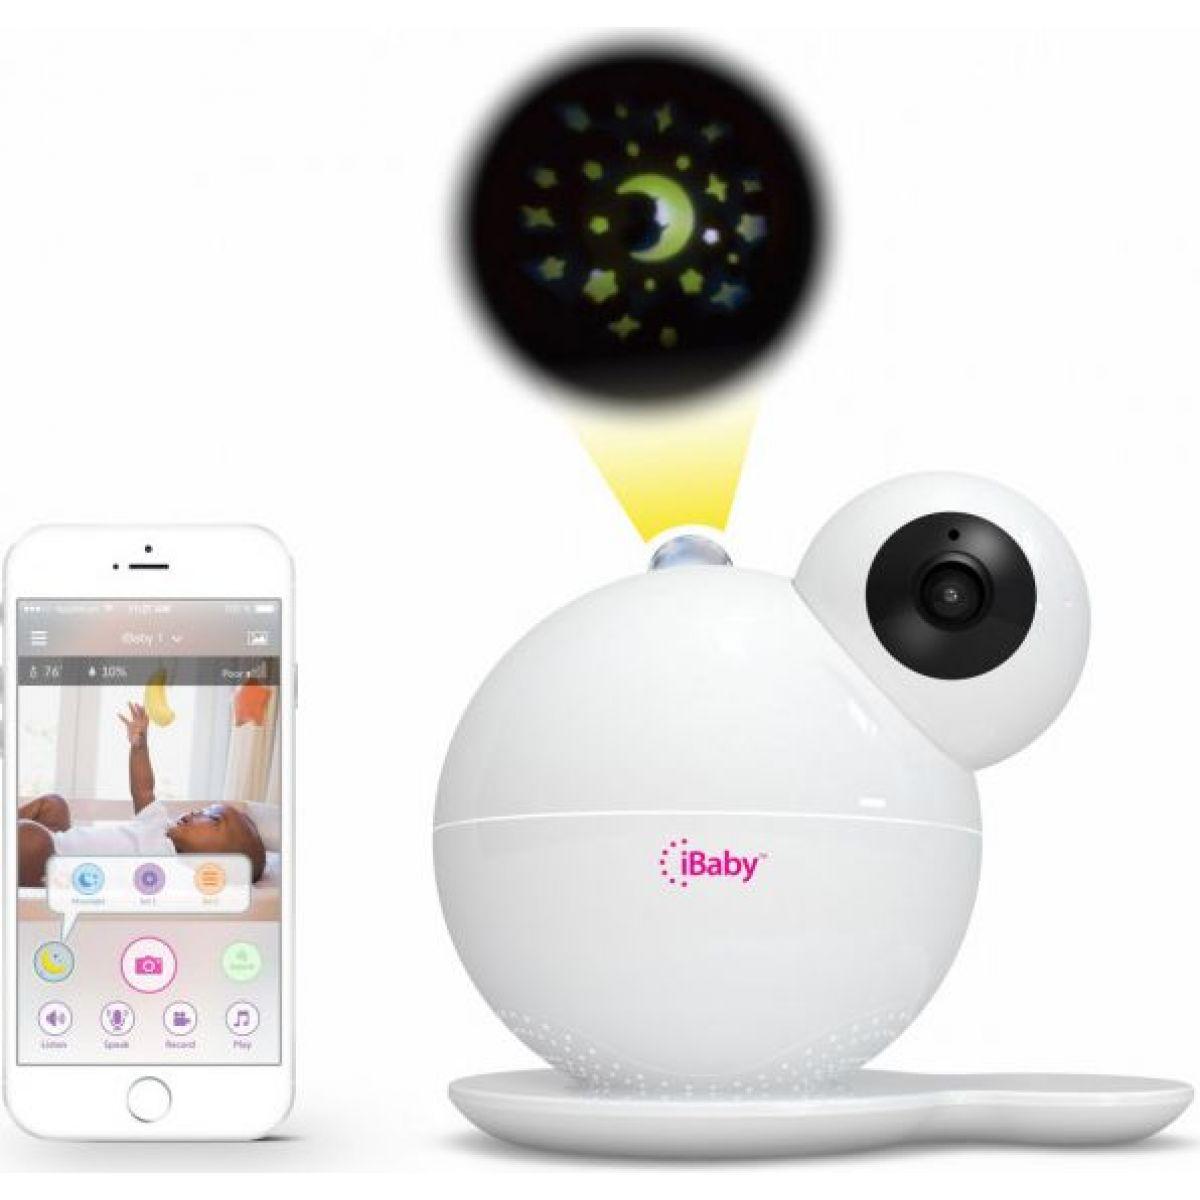 iBaby Care M7 video chůvička se senzorem kvality vzduchu a nočním světlem